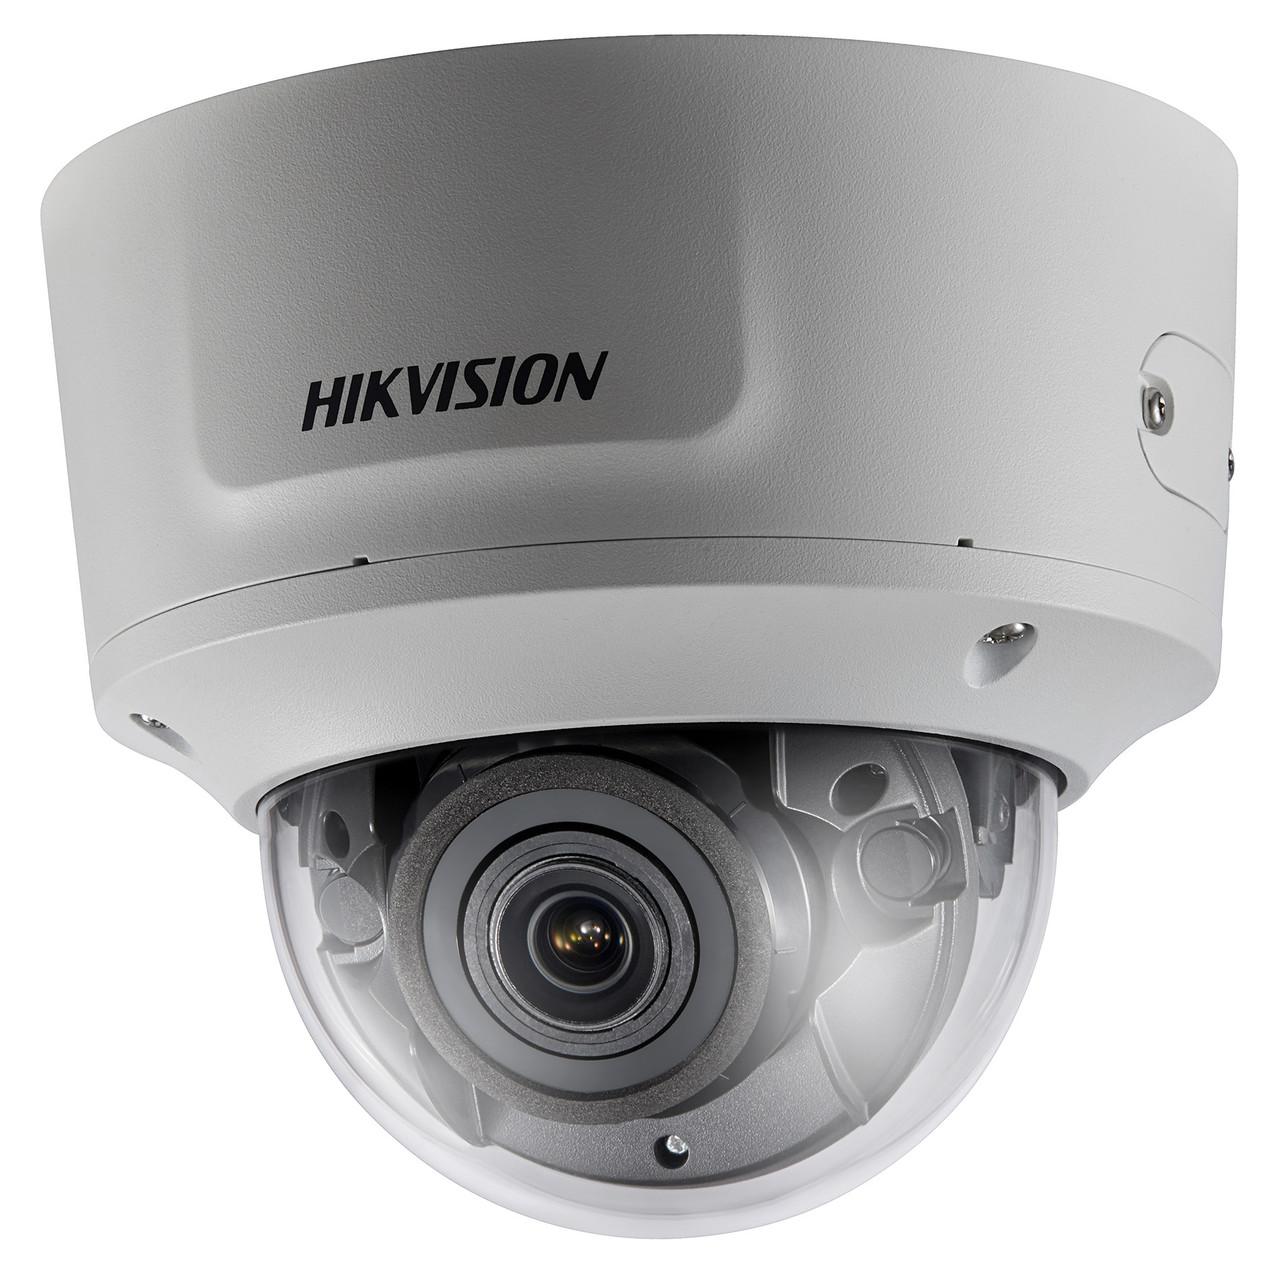 DS-2CD2723G0-IZS - 2MP Уличная варифокальная (моторизованный) антивандальная купольная IP-камера с ИК-подсветкой и поддержкой Аудио/Тревоги.